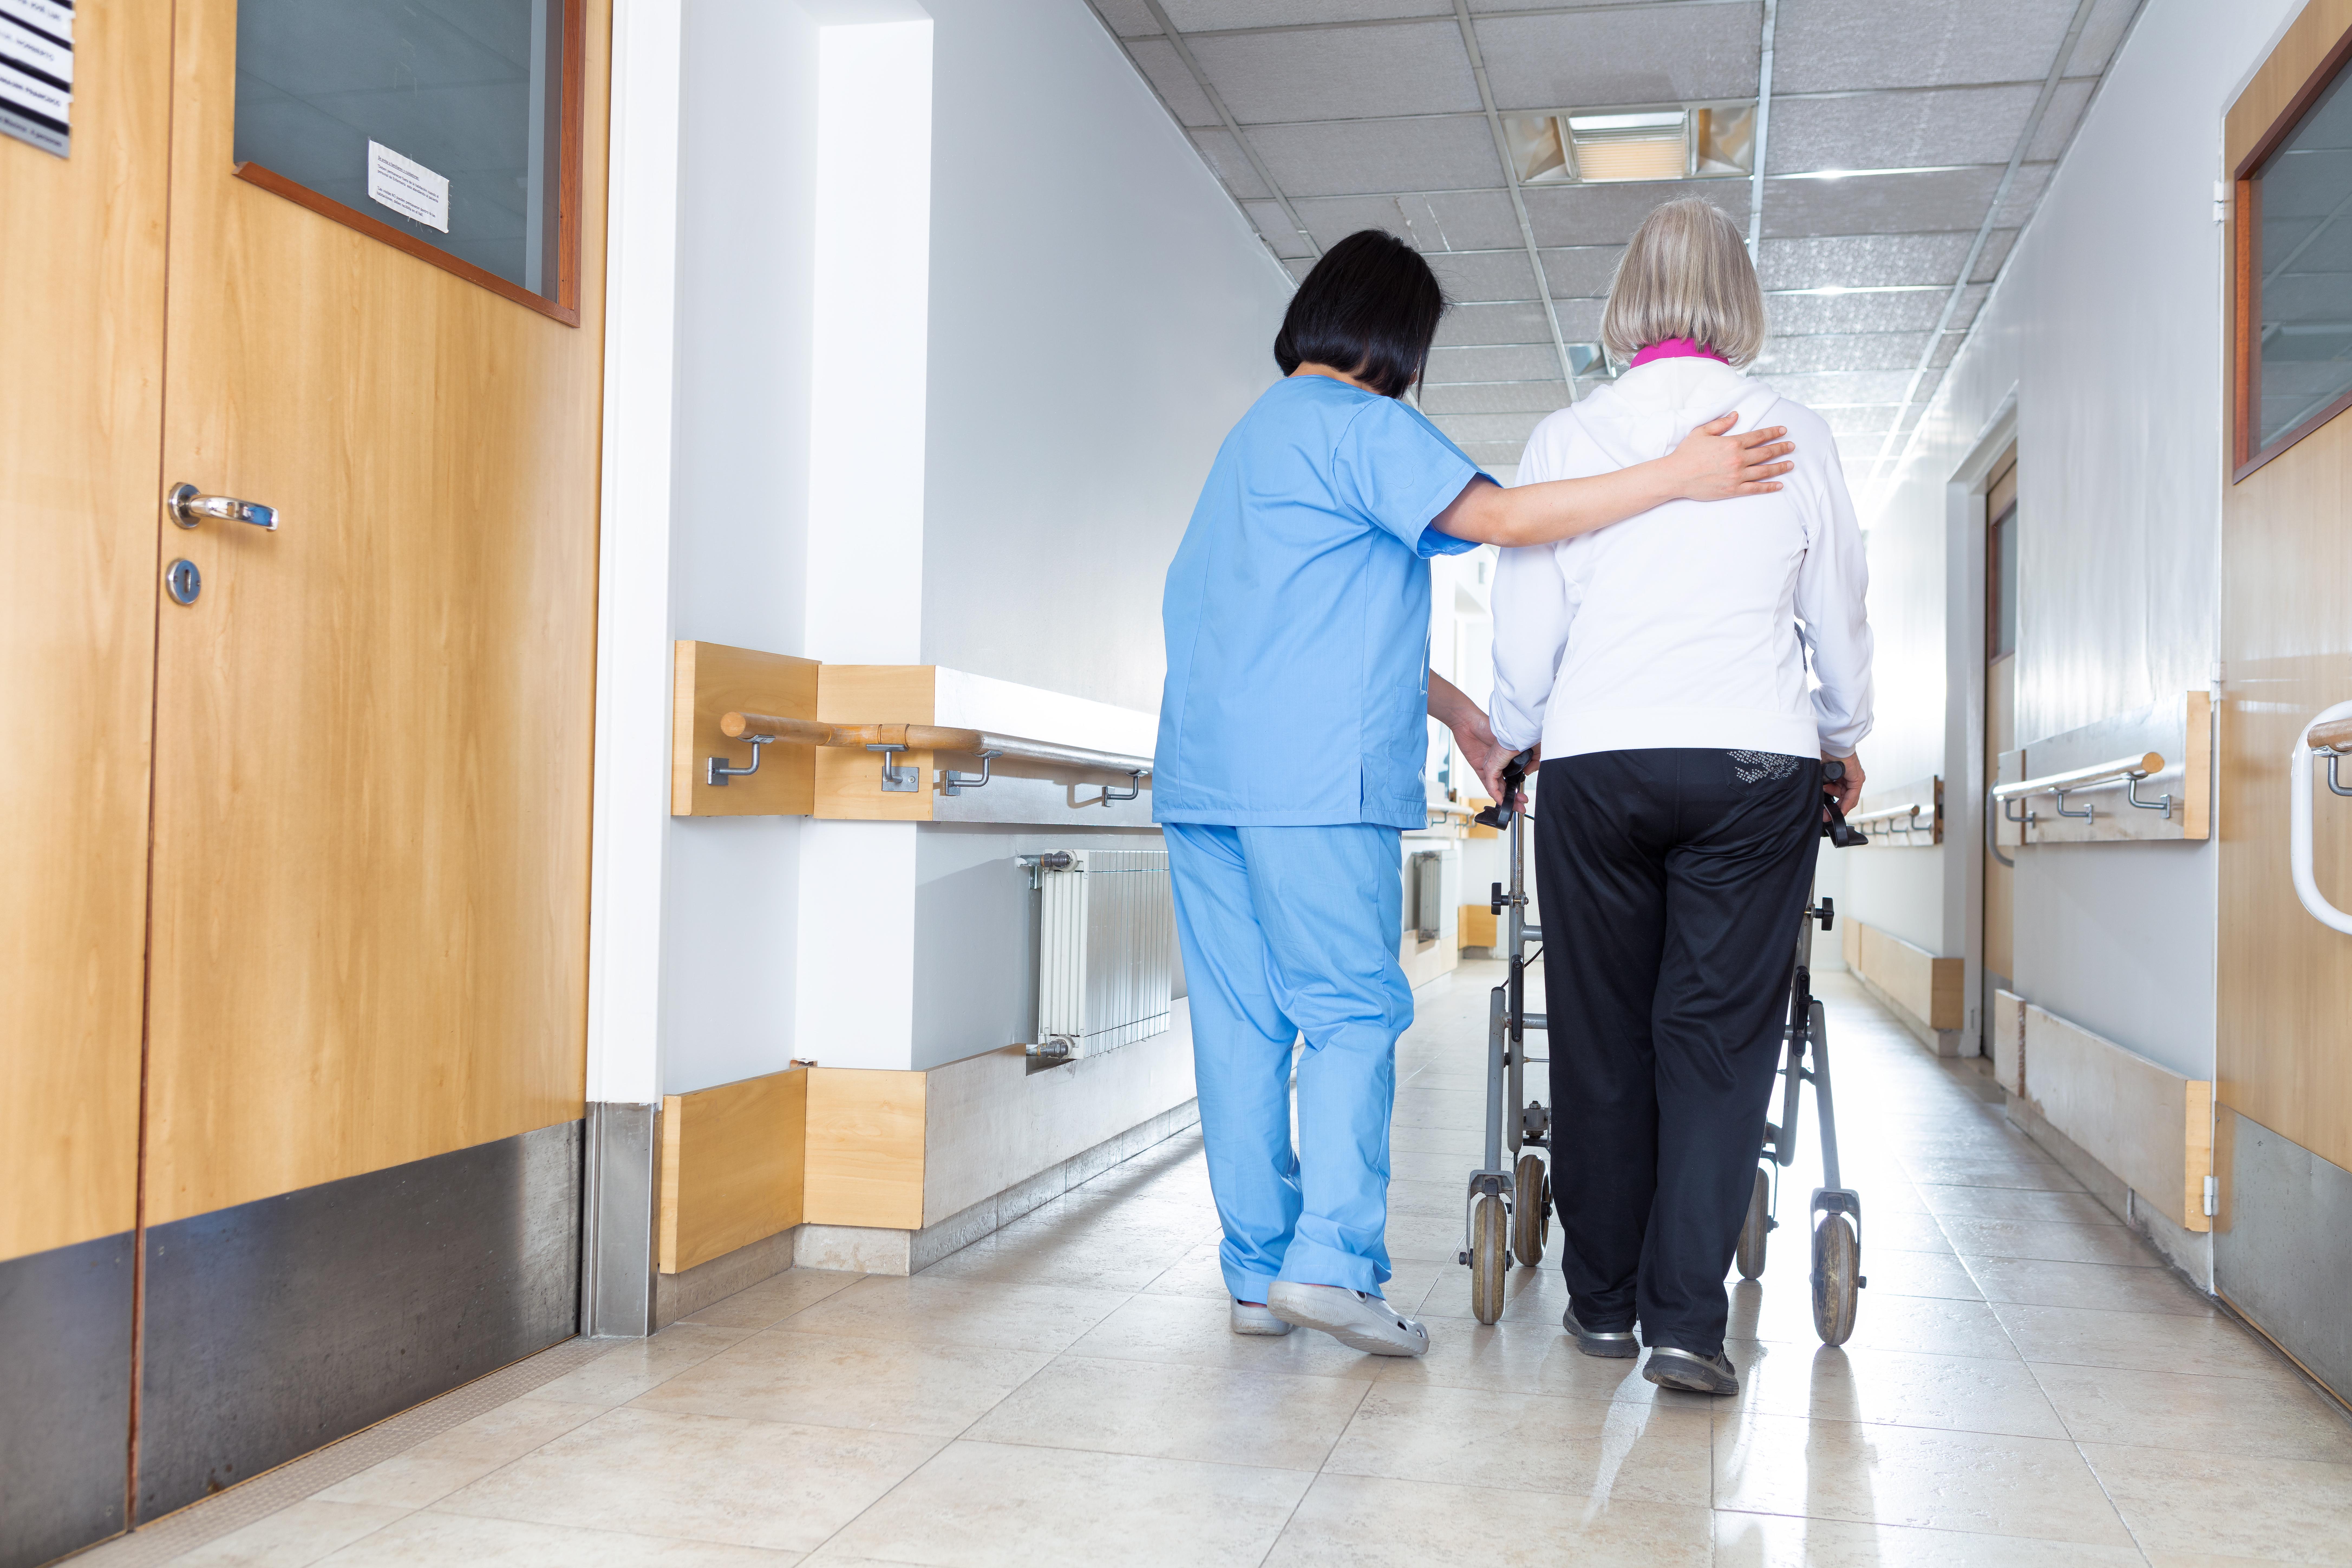 Det finns ett stort behov av att förbättra det förebyggande arbetsmiljöarbetet inom äldreomsorgen menar man från Arbetsmiljöverkets håll.